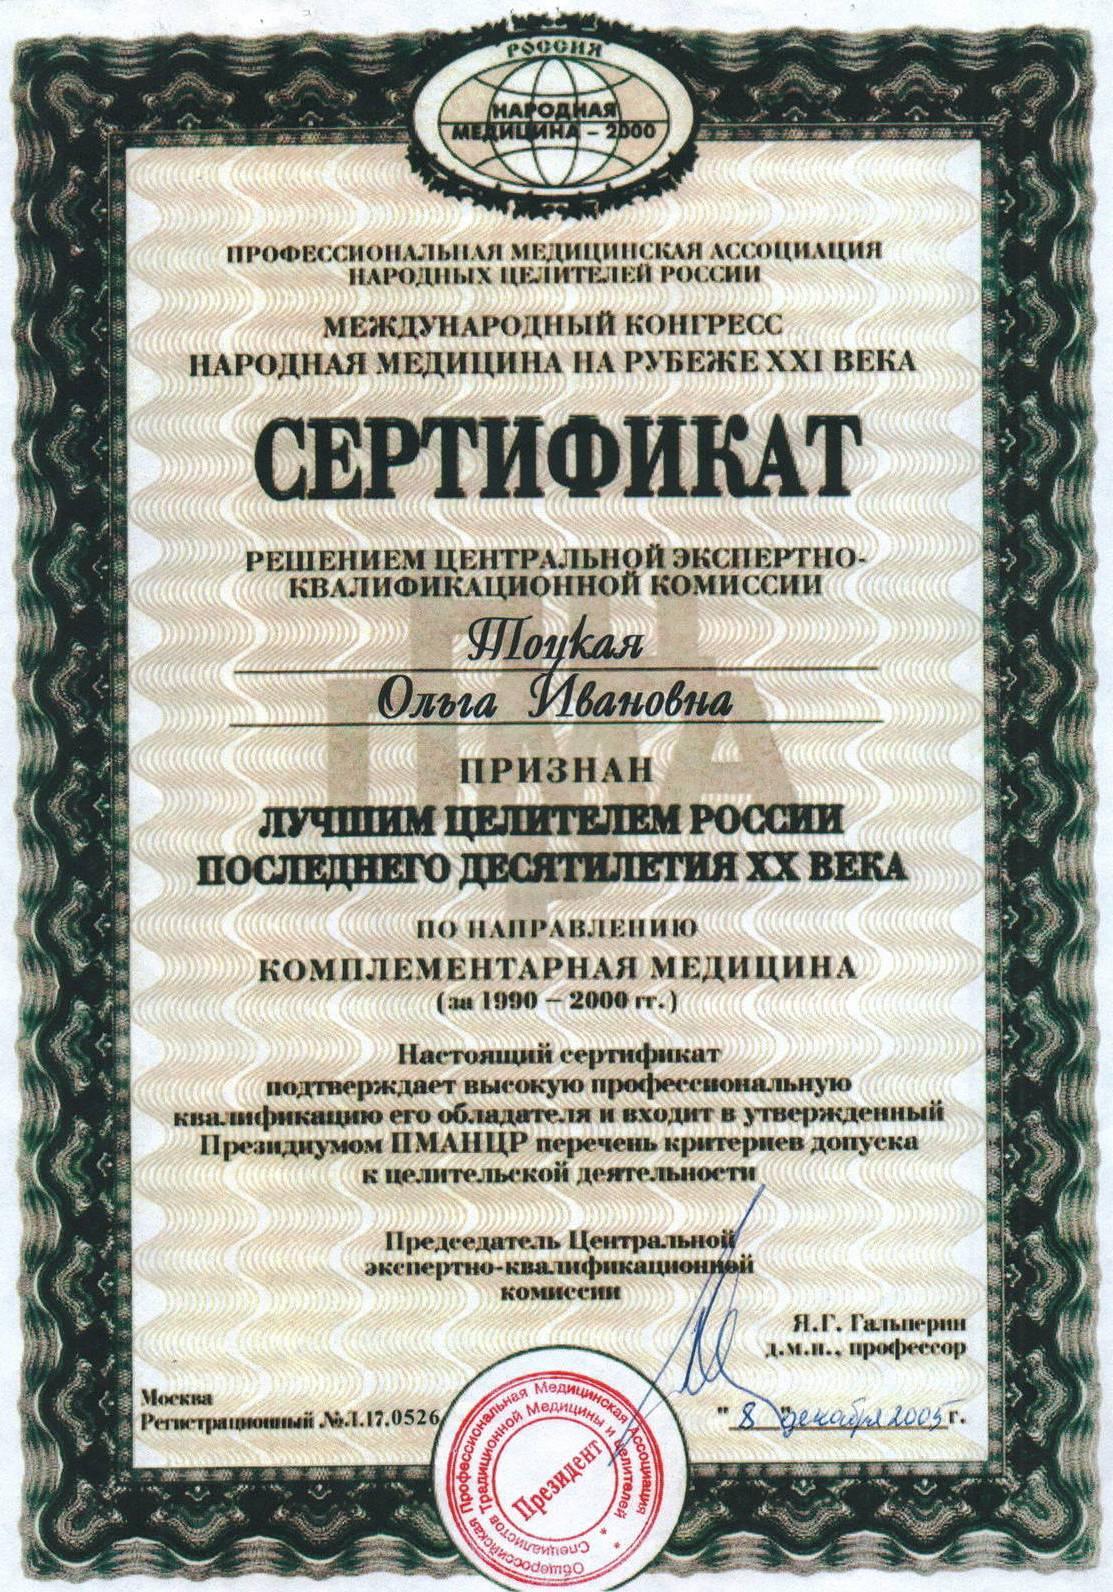 Сертификат о признании лучшим целителем России 20 века